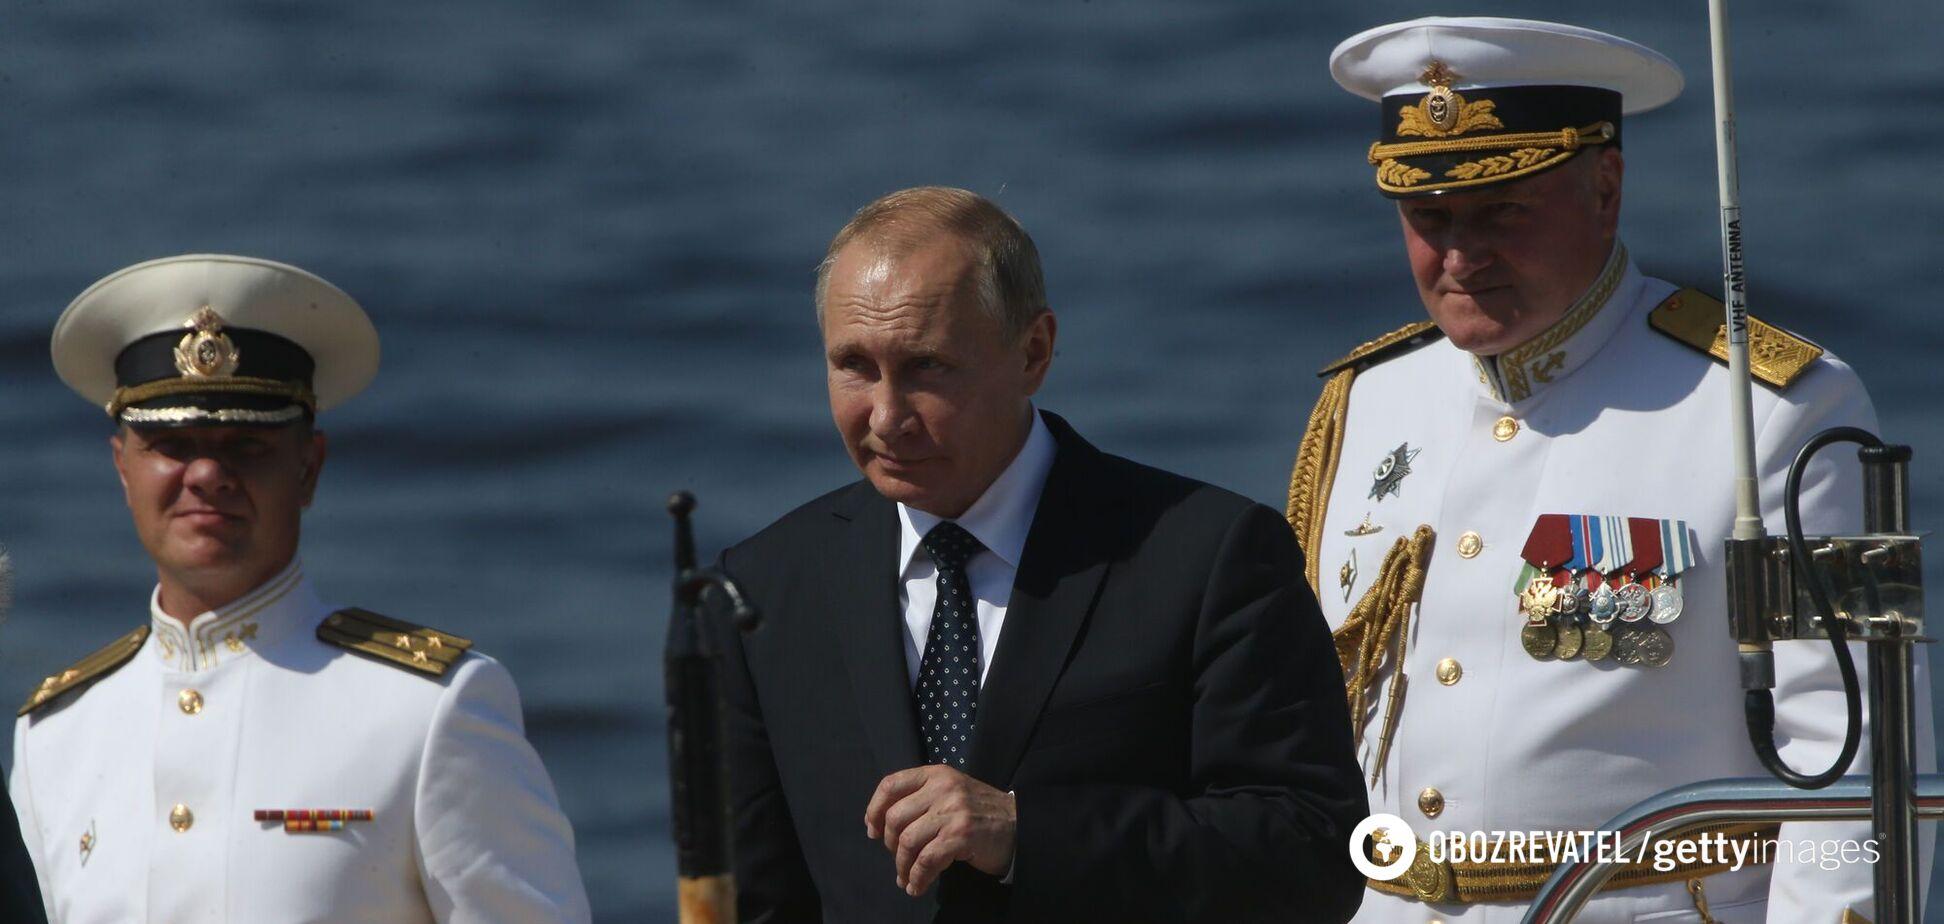 Через Путіна в Чорному морі можливий небезпечний інцидент, – офіцер НАТО